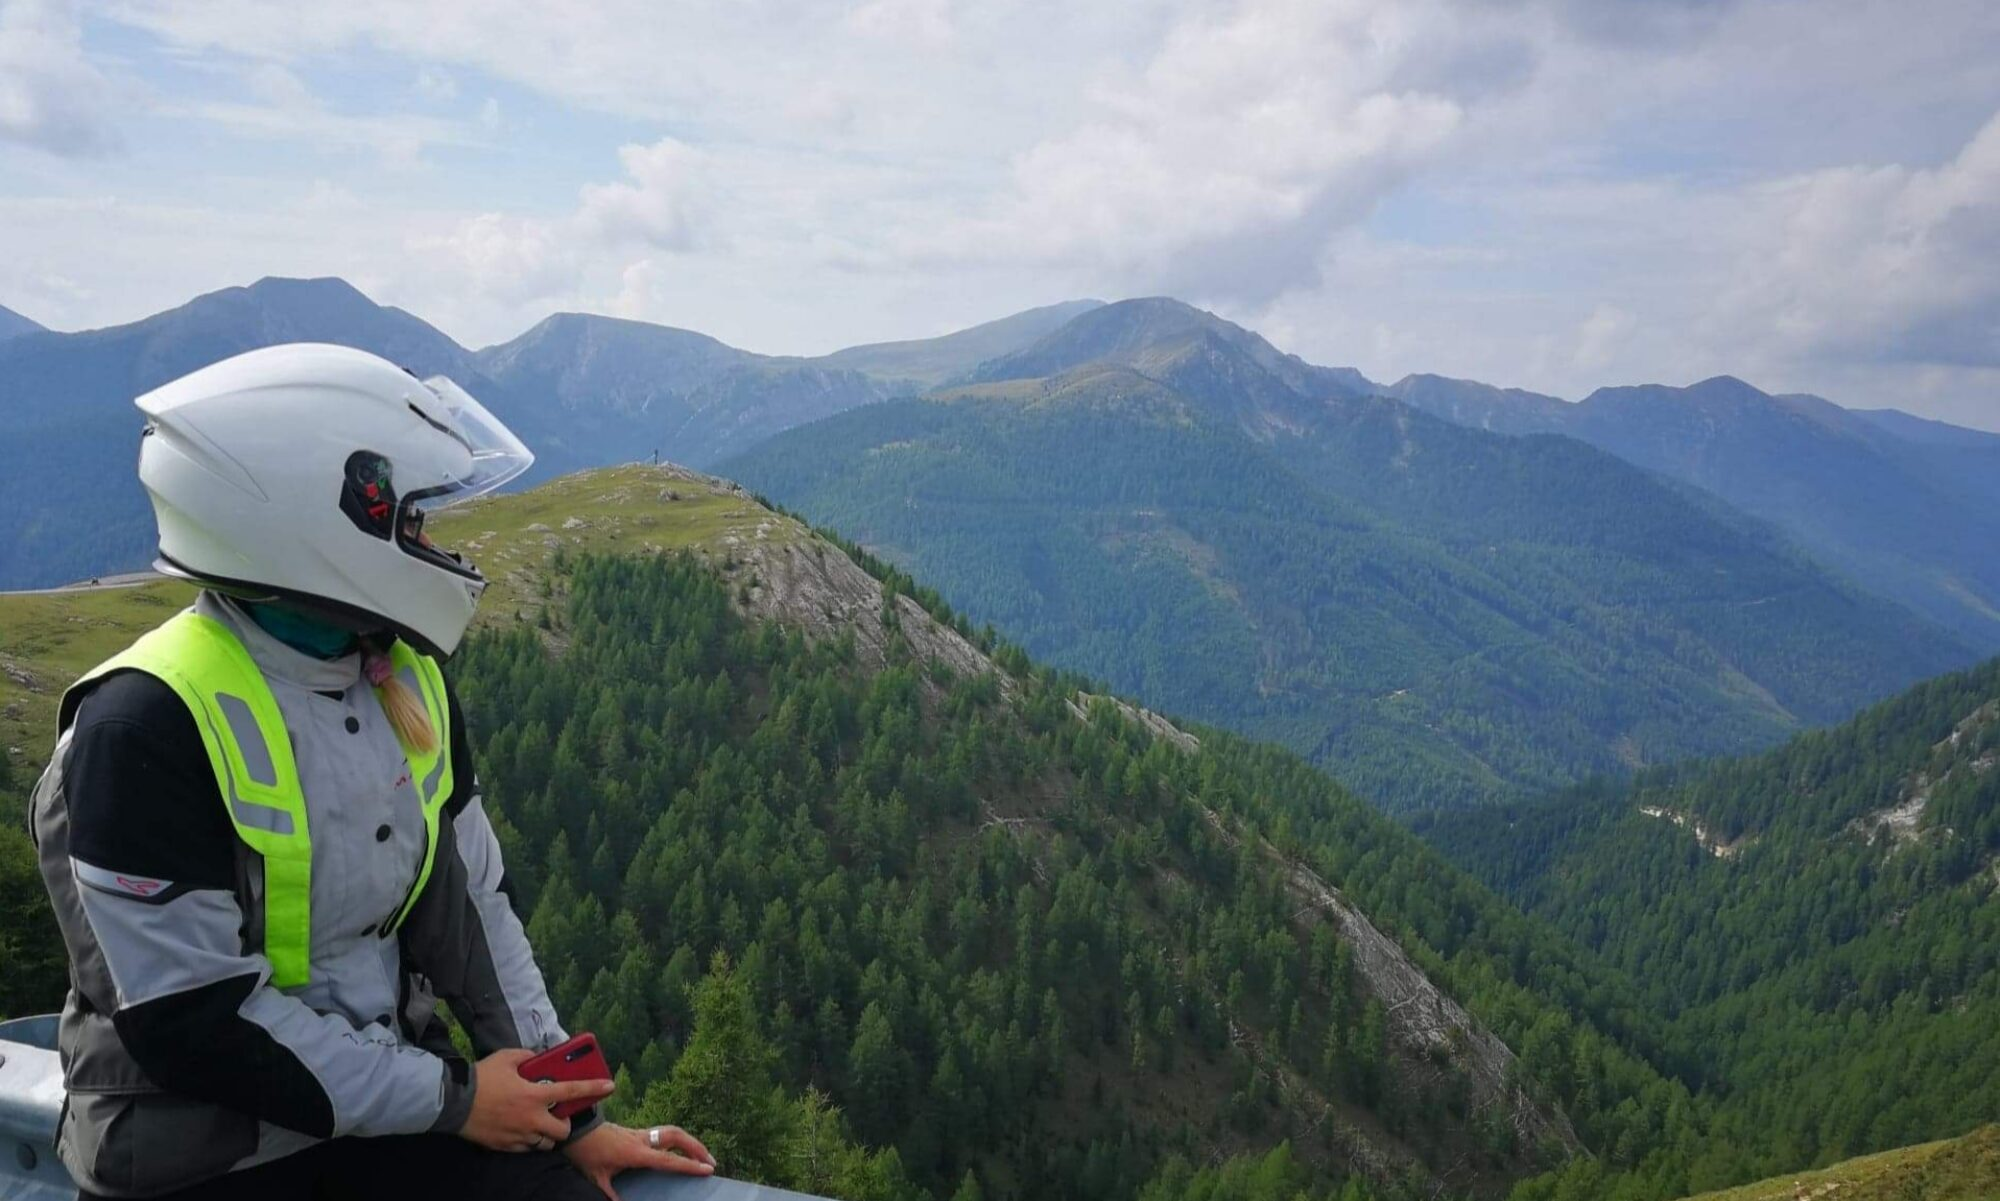 pamietnik-motocyklistki.pl